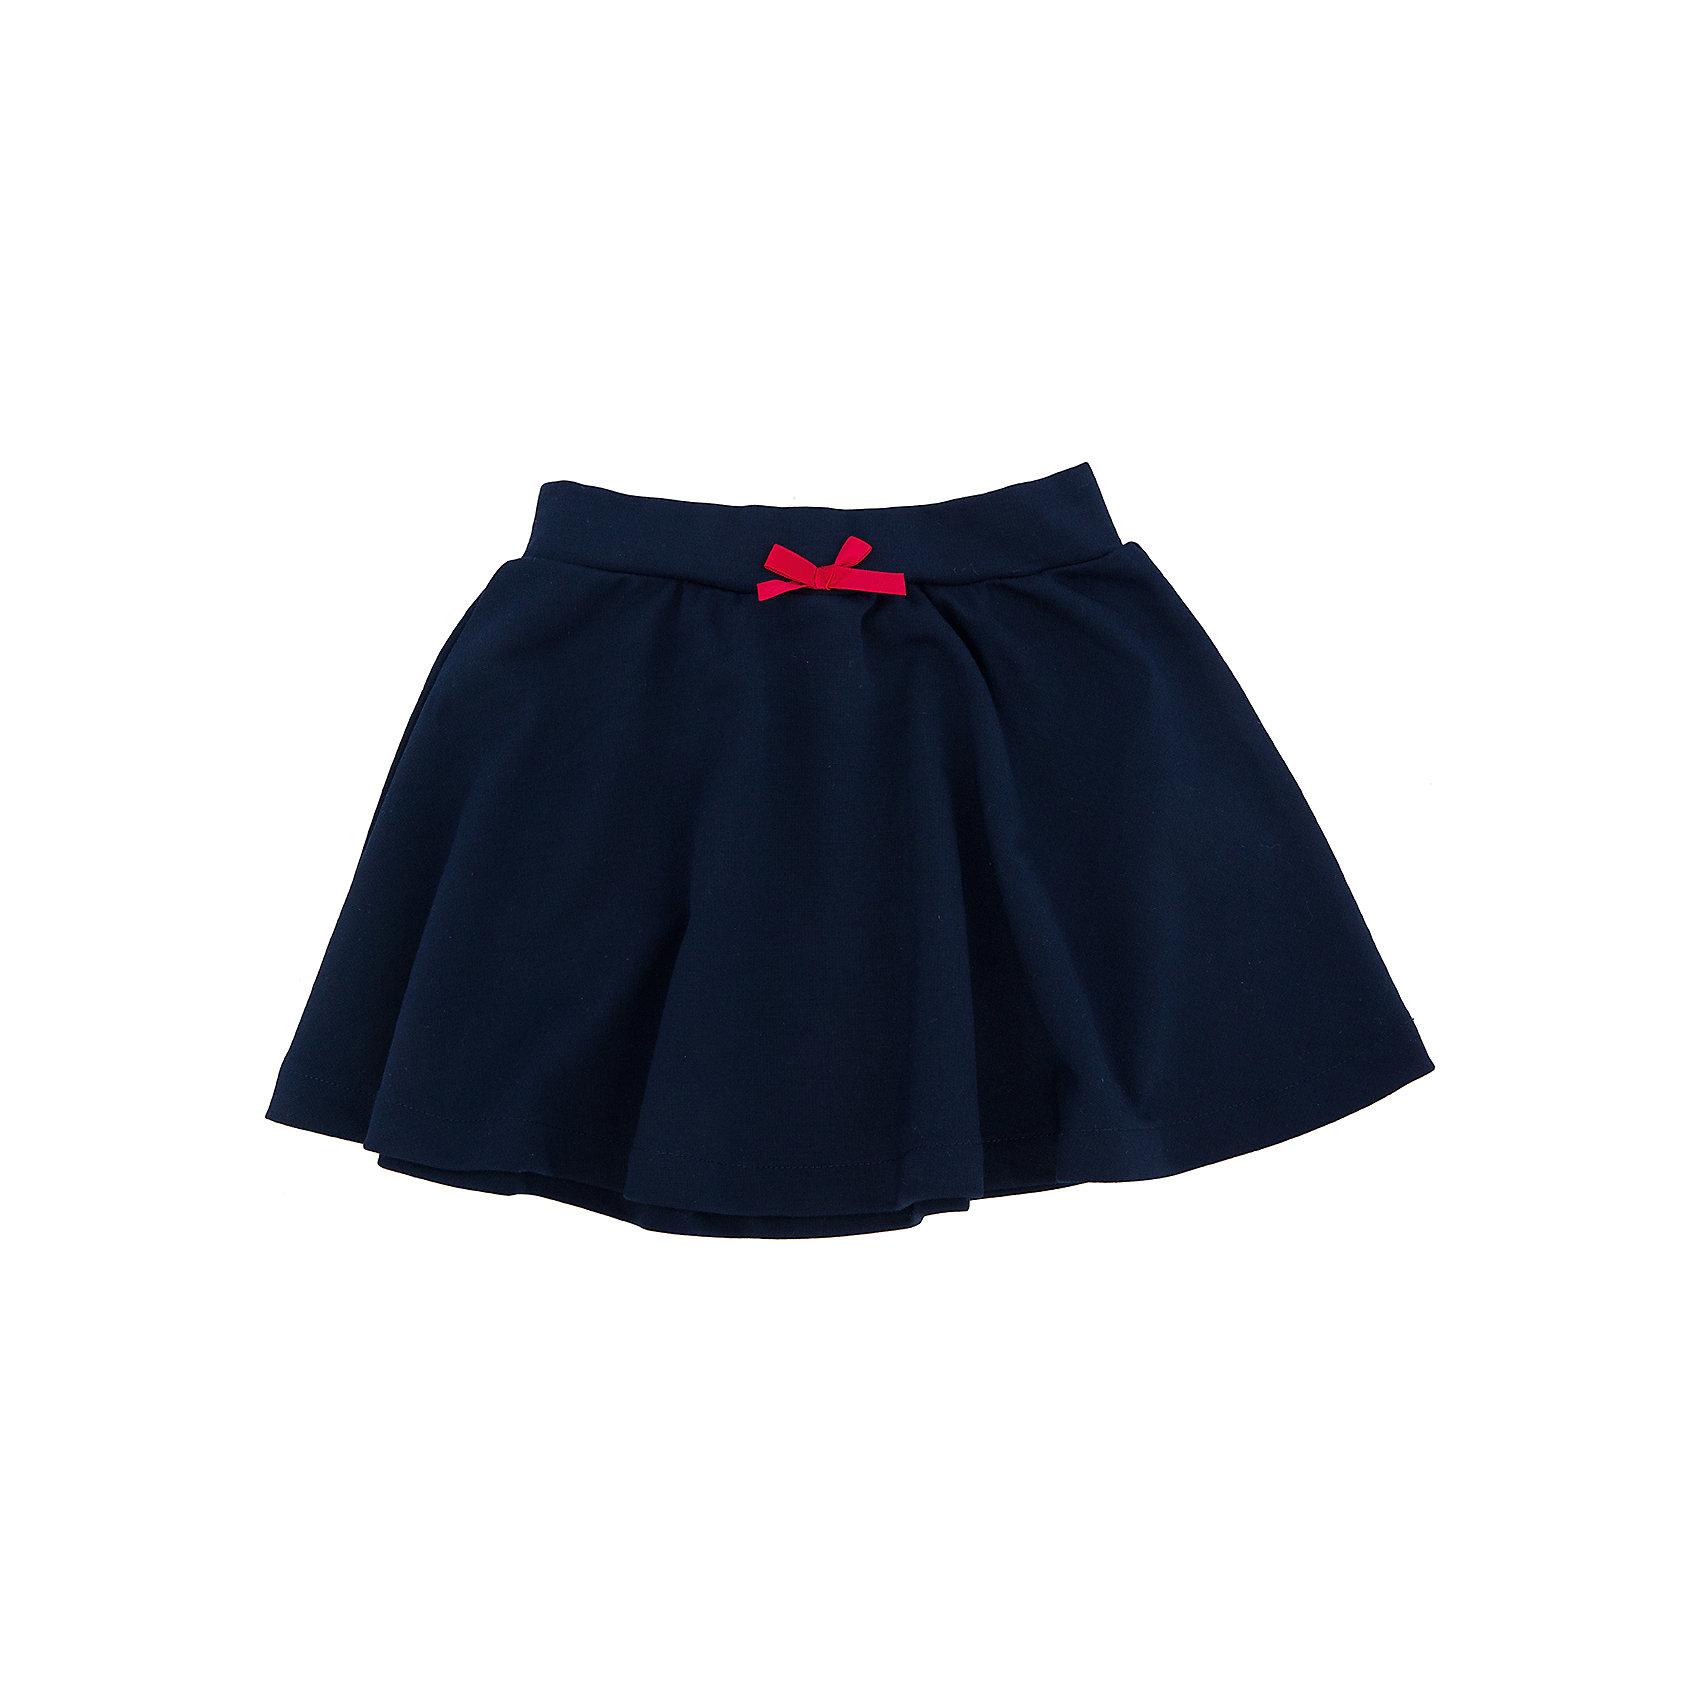 Юбка для девочки PlayTodayЮбка для девочки от известного бренда PlayToday.<br>Юбка, которая должна быть в гардеробе любой девочки. Мягкая и уютная, пояс на резинке. Классический крой и выдержанный цвет позволяет сочетать с абсолютно любой одеждой. Украшена маленьким атласным бантиком.<br>Состав:<br>66% полиэстер, 30% вискоза, 4% эластан<br><br>Ширина мм: 207<br>Глубина мм: 10<br>Высота мм: 189<br>Вес г: 183<br>Цвет: синий<br>Возраст от месяцев: 36<br>Возраст до месяцев: 48<br>Пол: Женский<br>Возраст: Детский<br>Размер: 104,122,128,116,98,110<br>SKU: 4897671